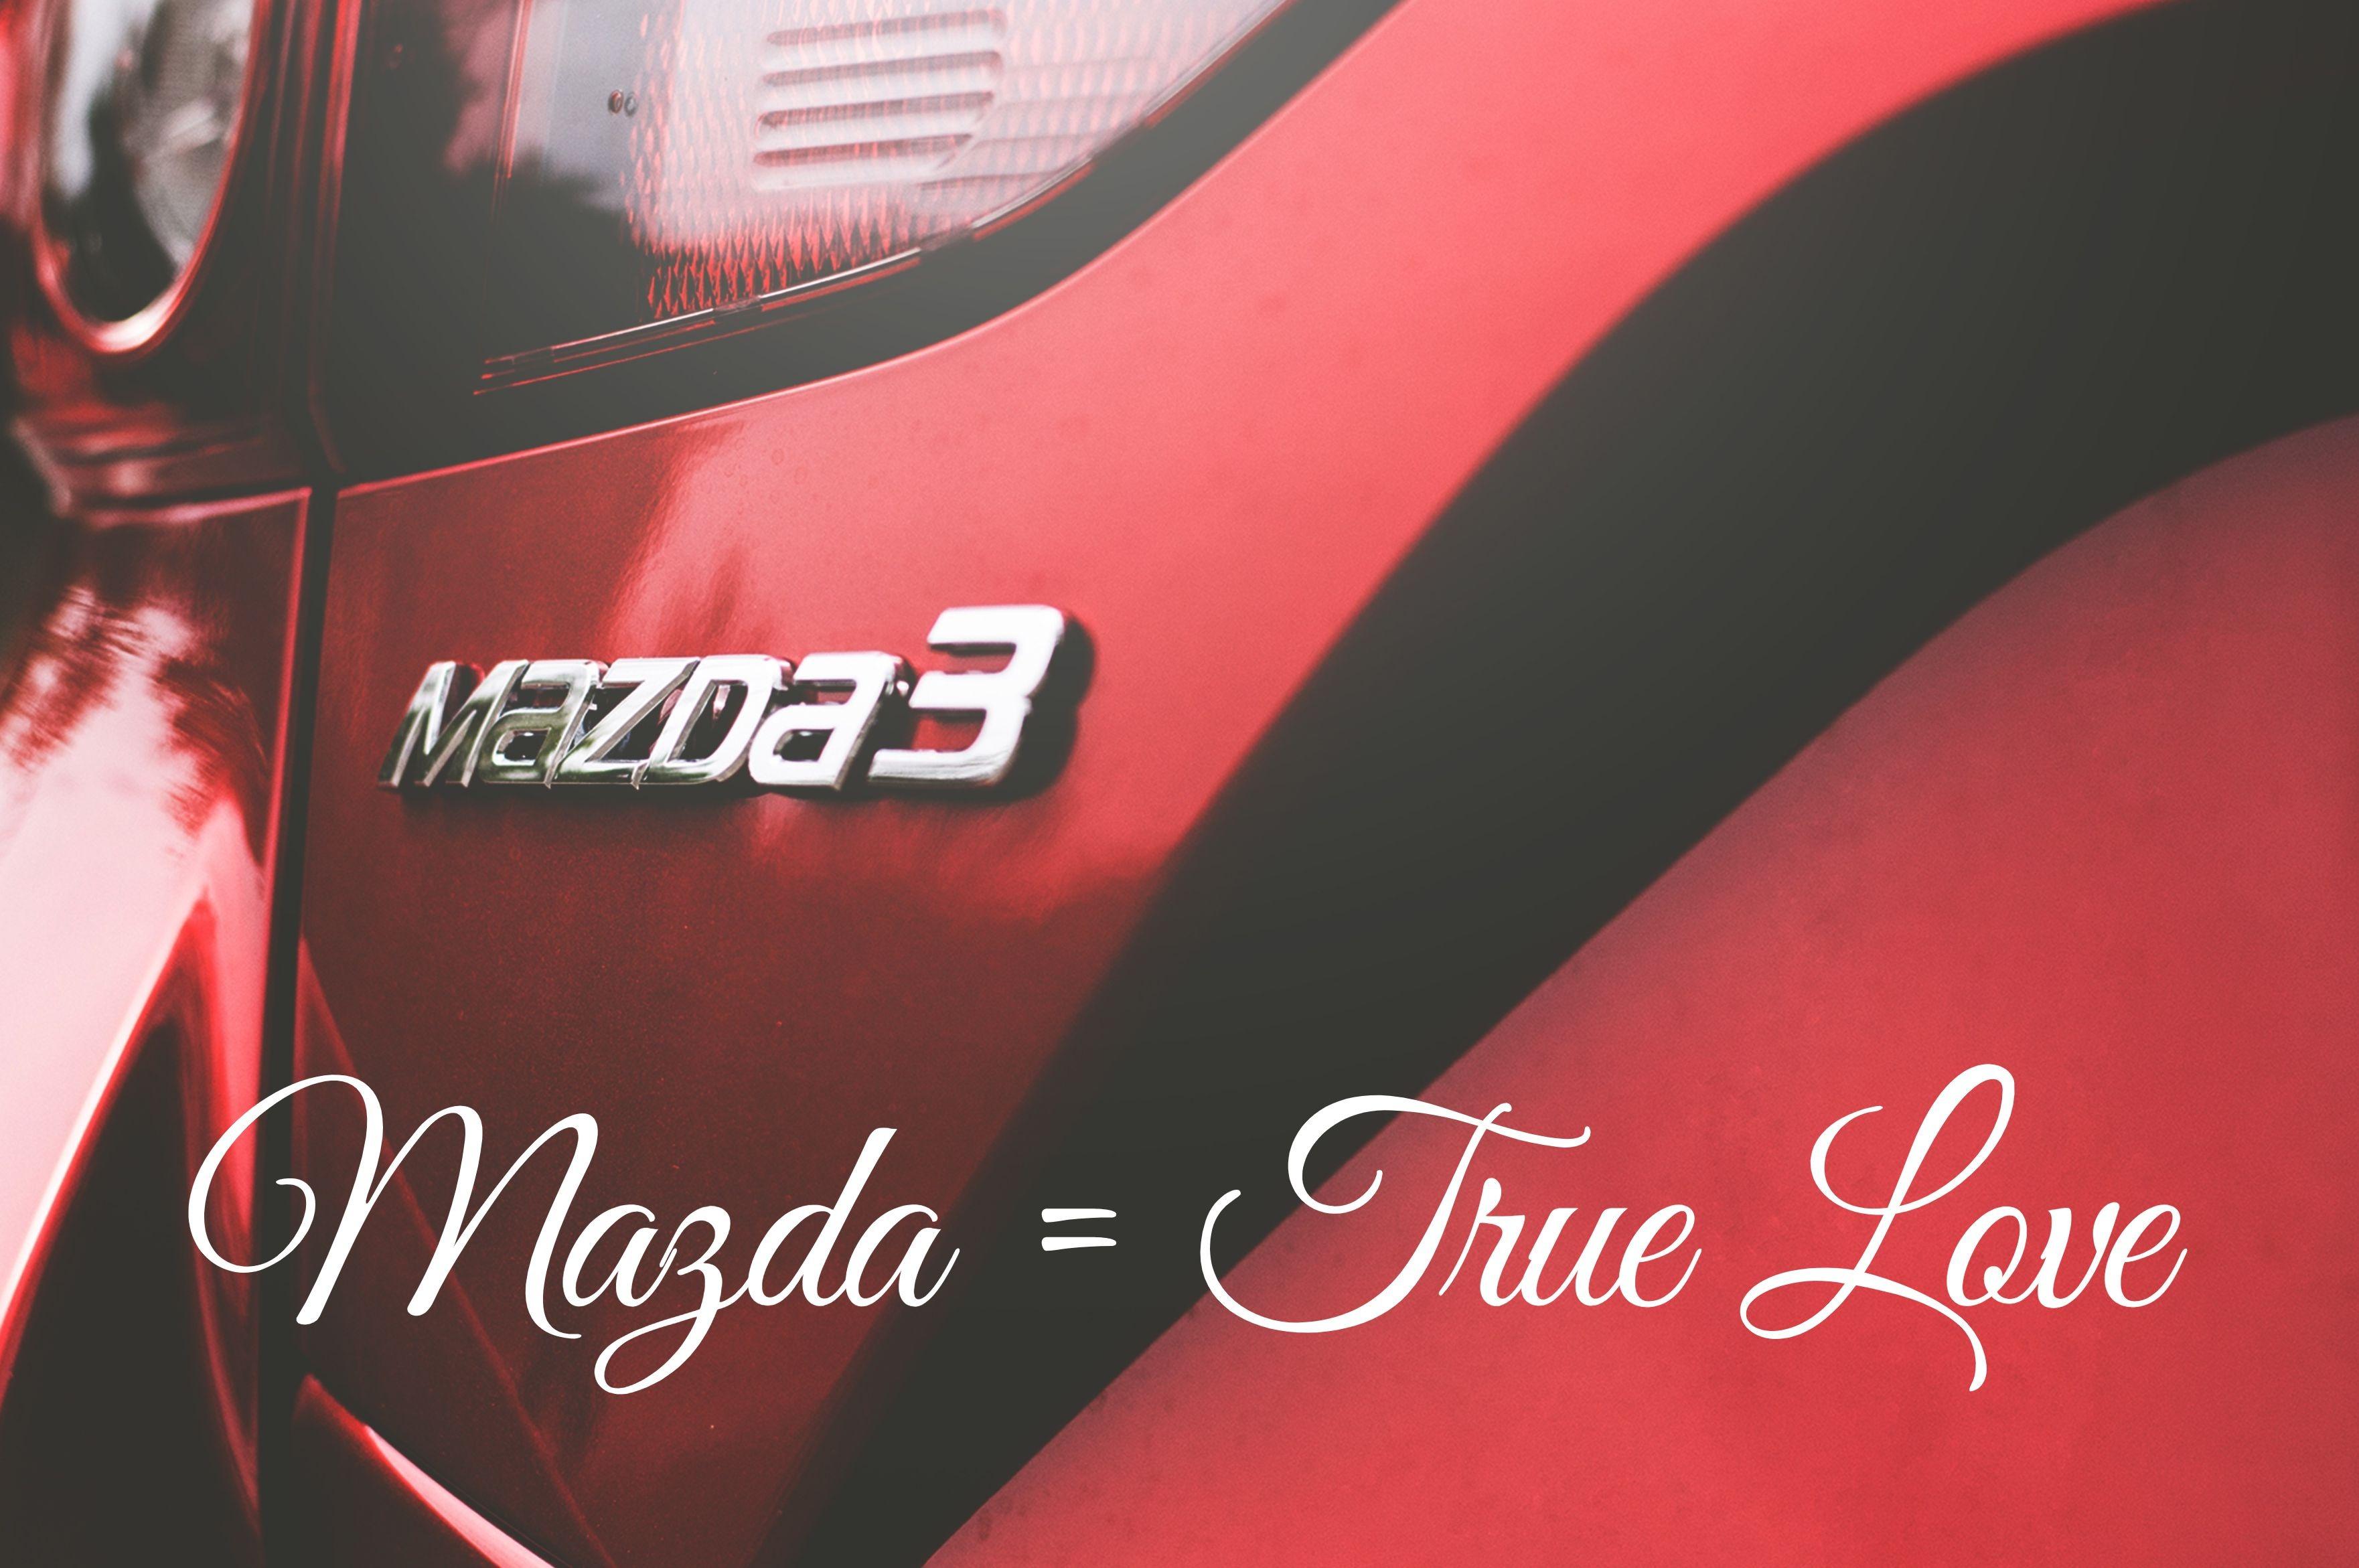 Velocity Mazda Blog - Velocity Mazda Blog | News, Updates